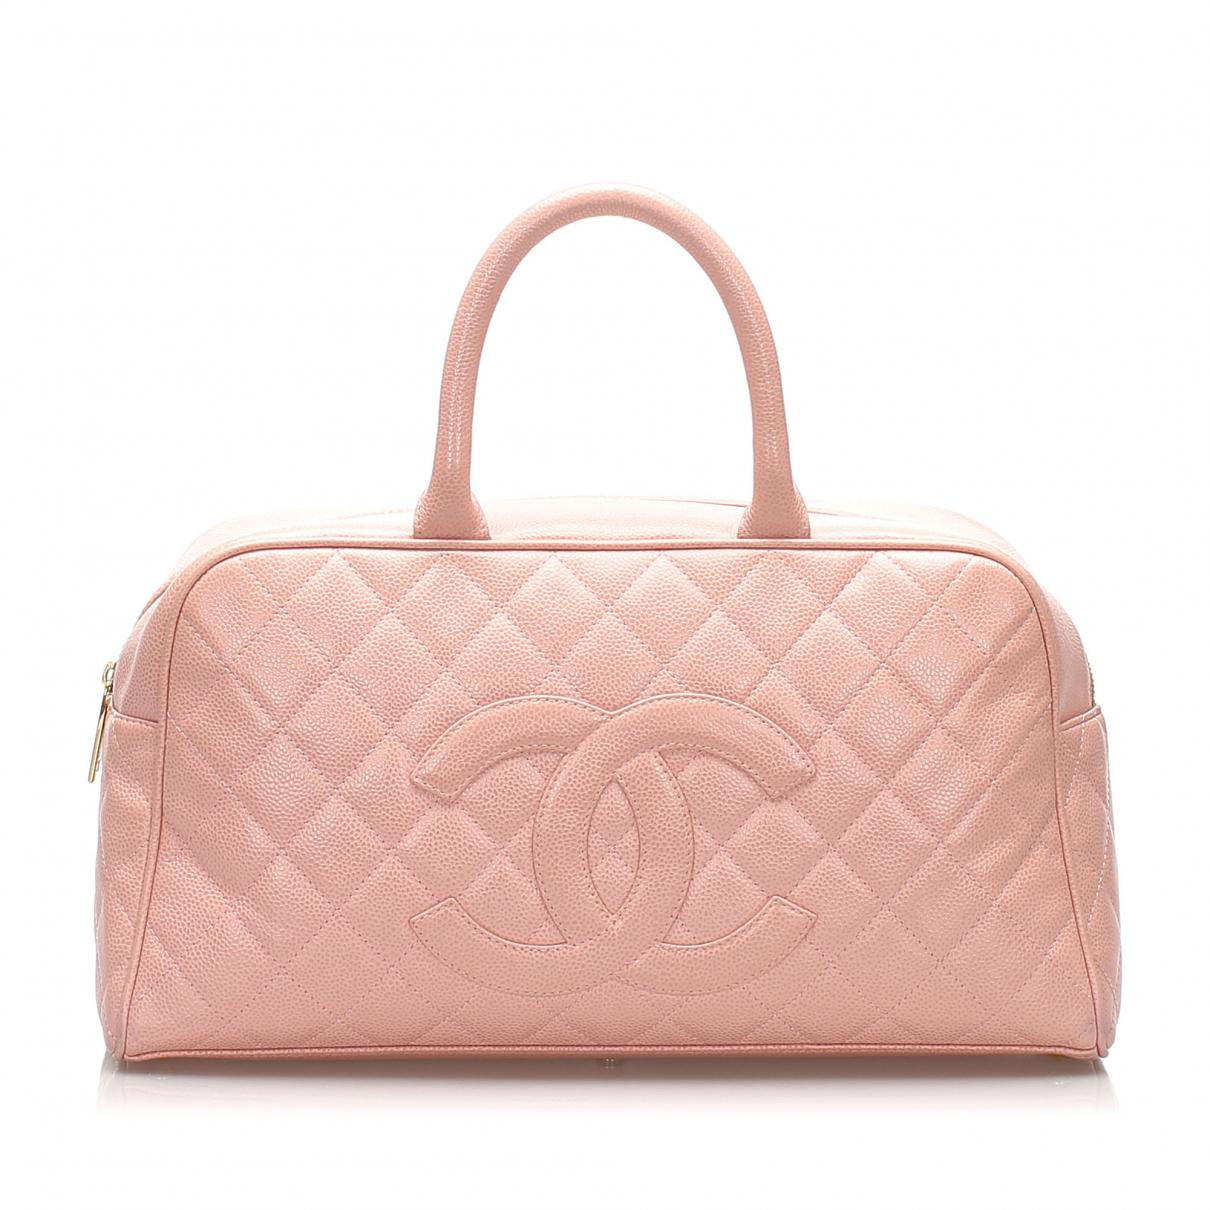 Chanel - Sac de voyage   pour femme en cuir - rose